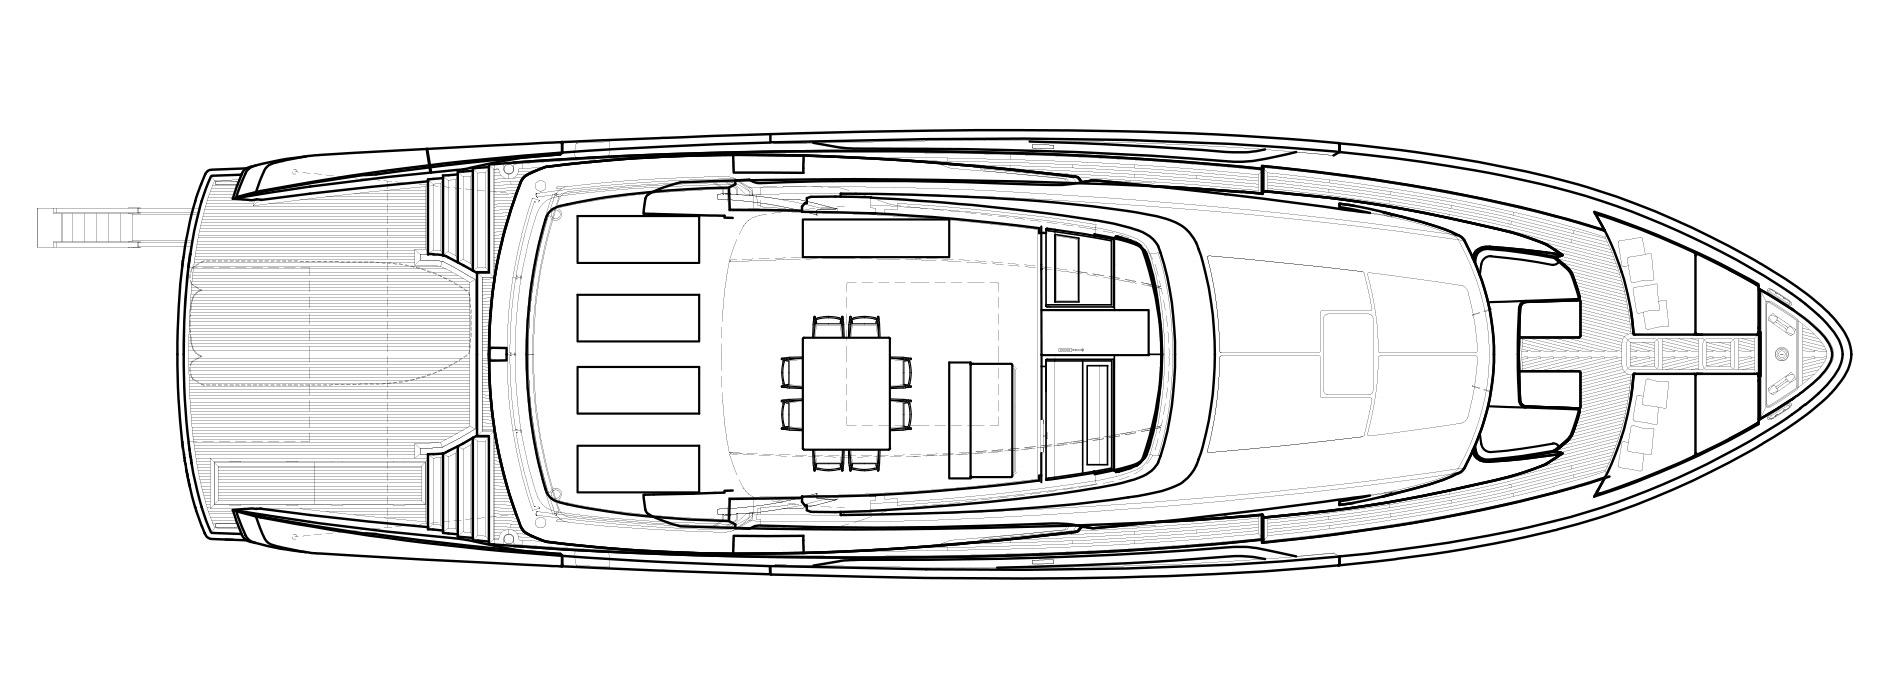 Sanlorenzo Yachts SX88 Außendeck Versione B